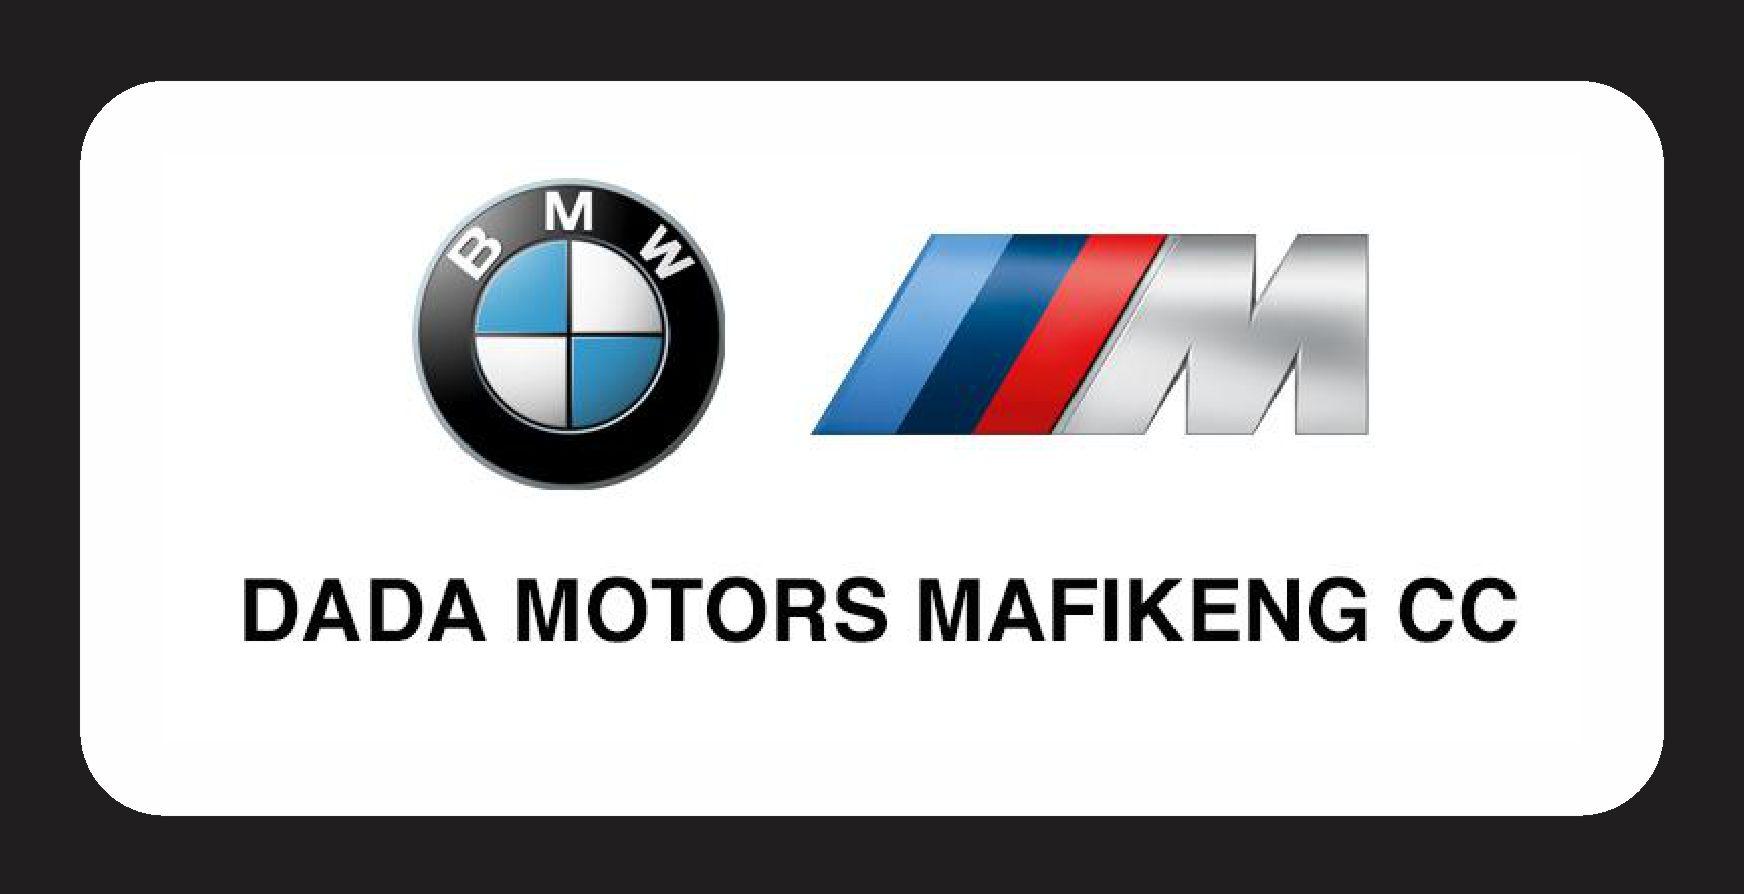 Dada_motors_mafikeng